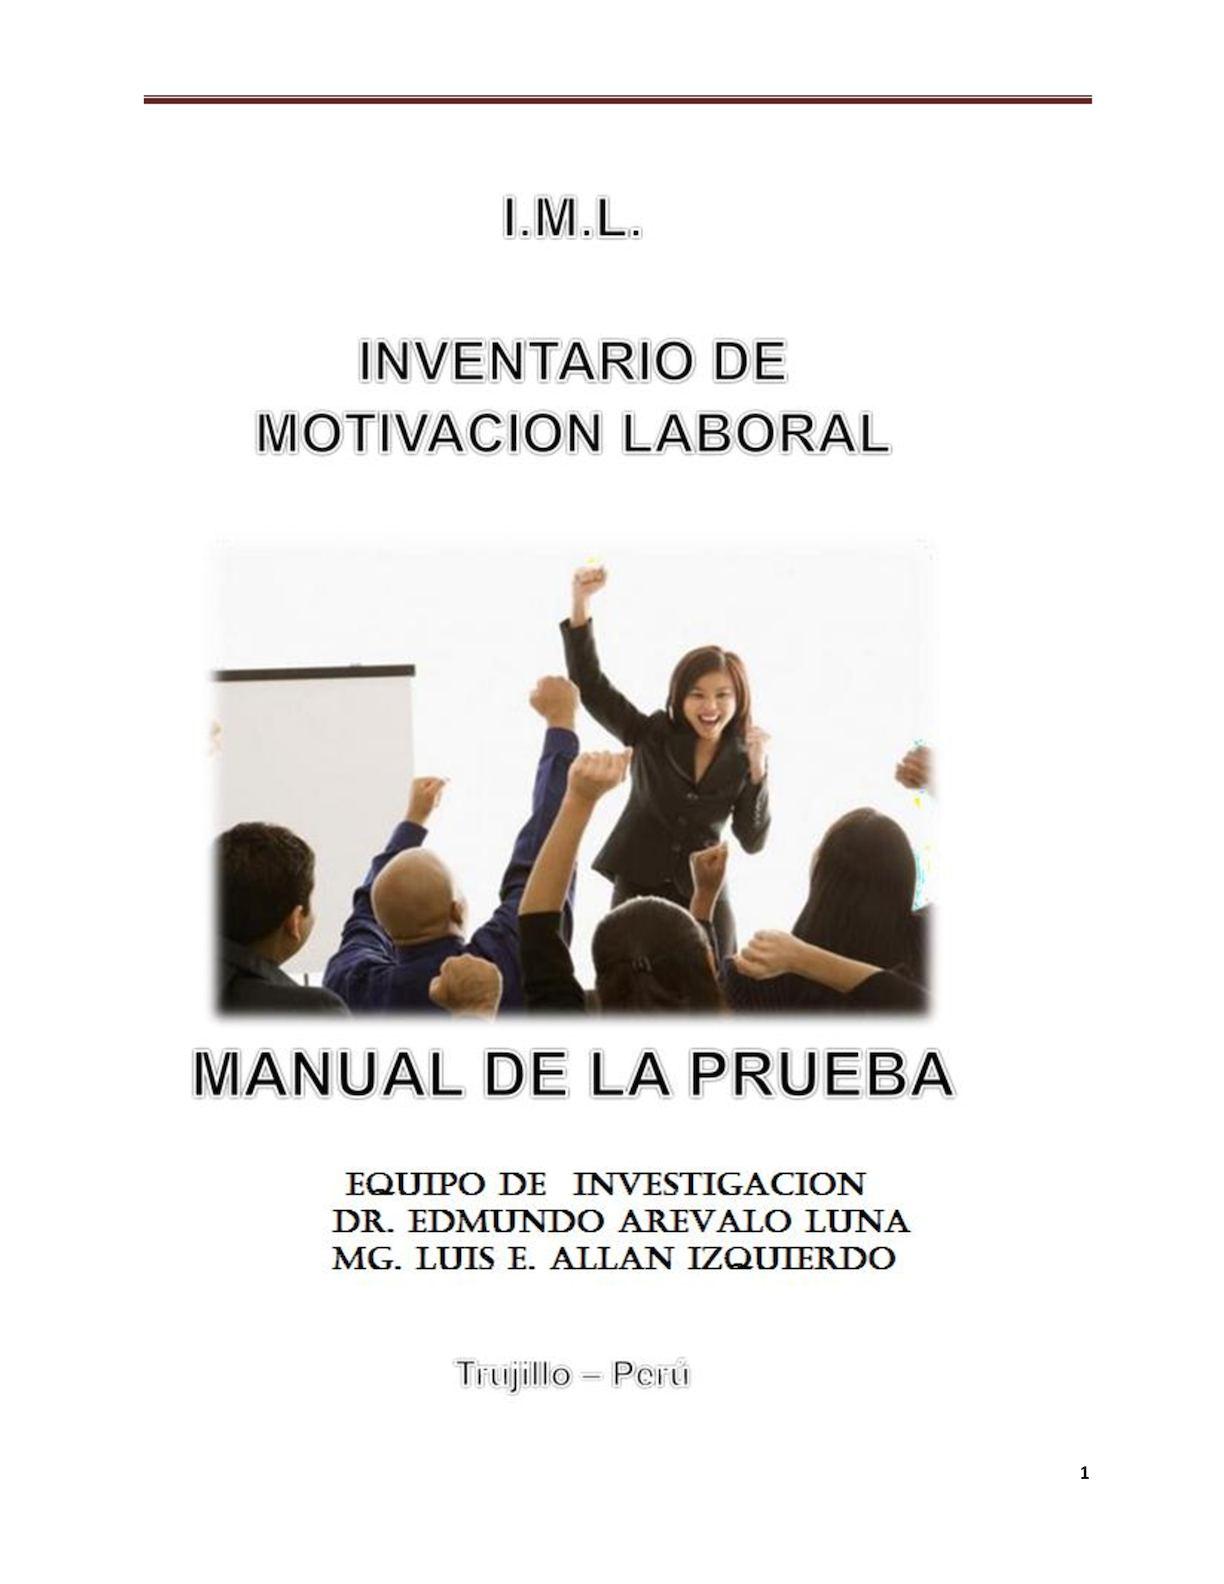 Inventario De Motivación Laboral Iml